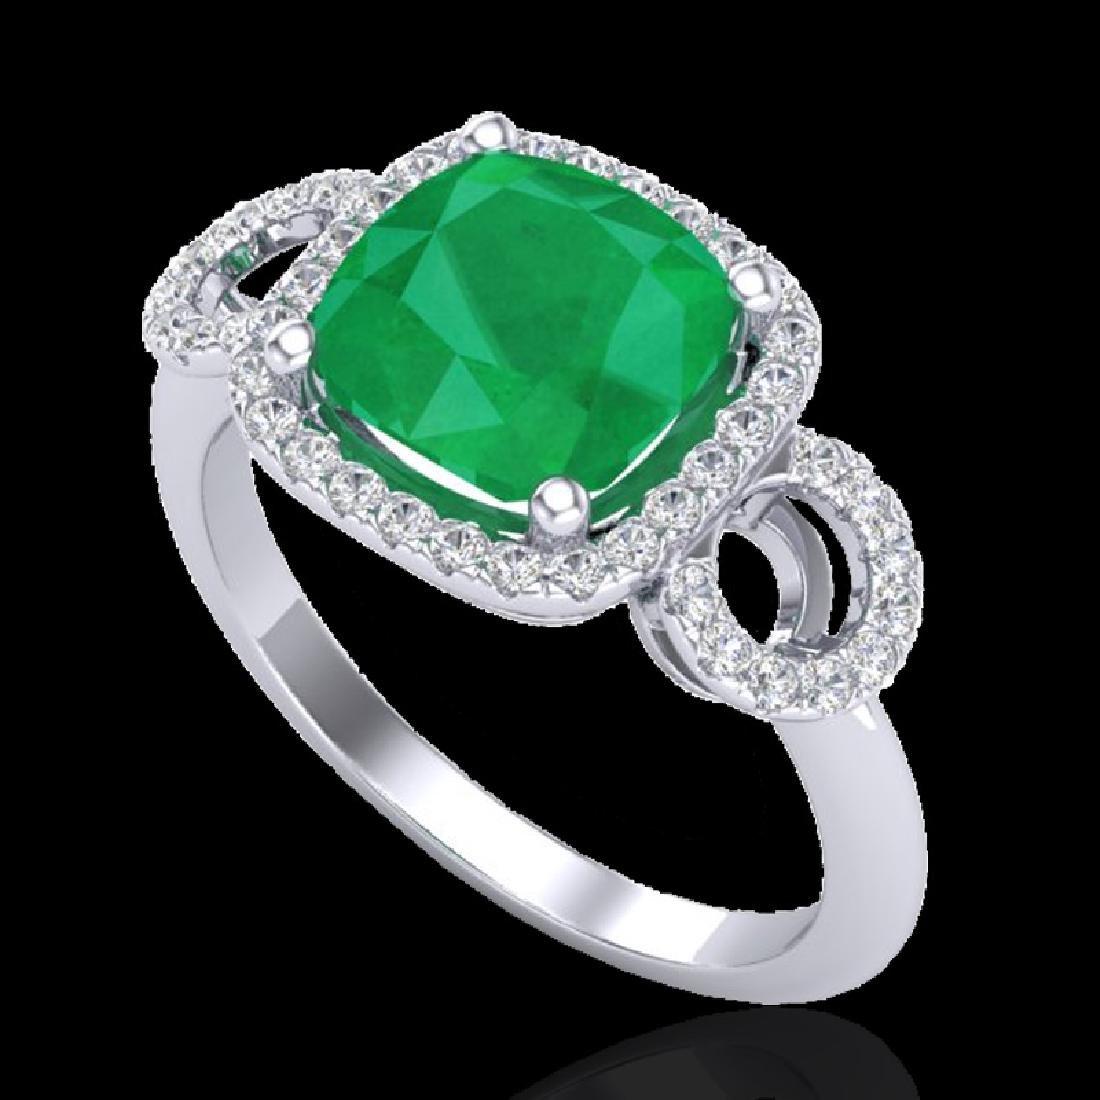 3.15 CTW Emerald & Micro VS/SI Diamond Ring 18K White - 2